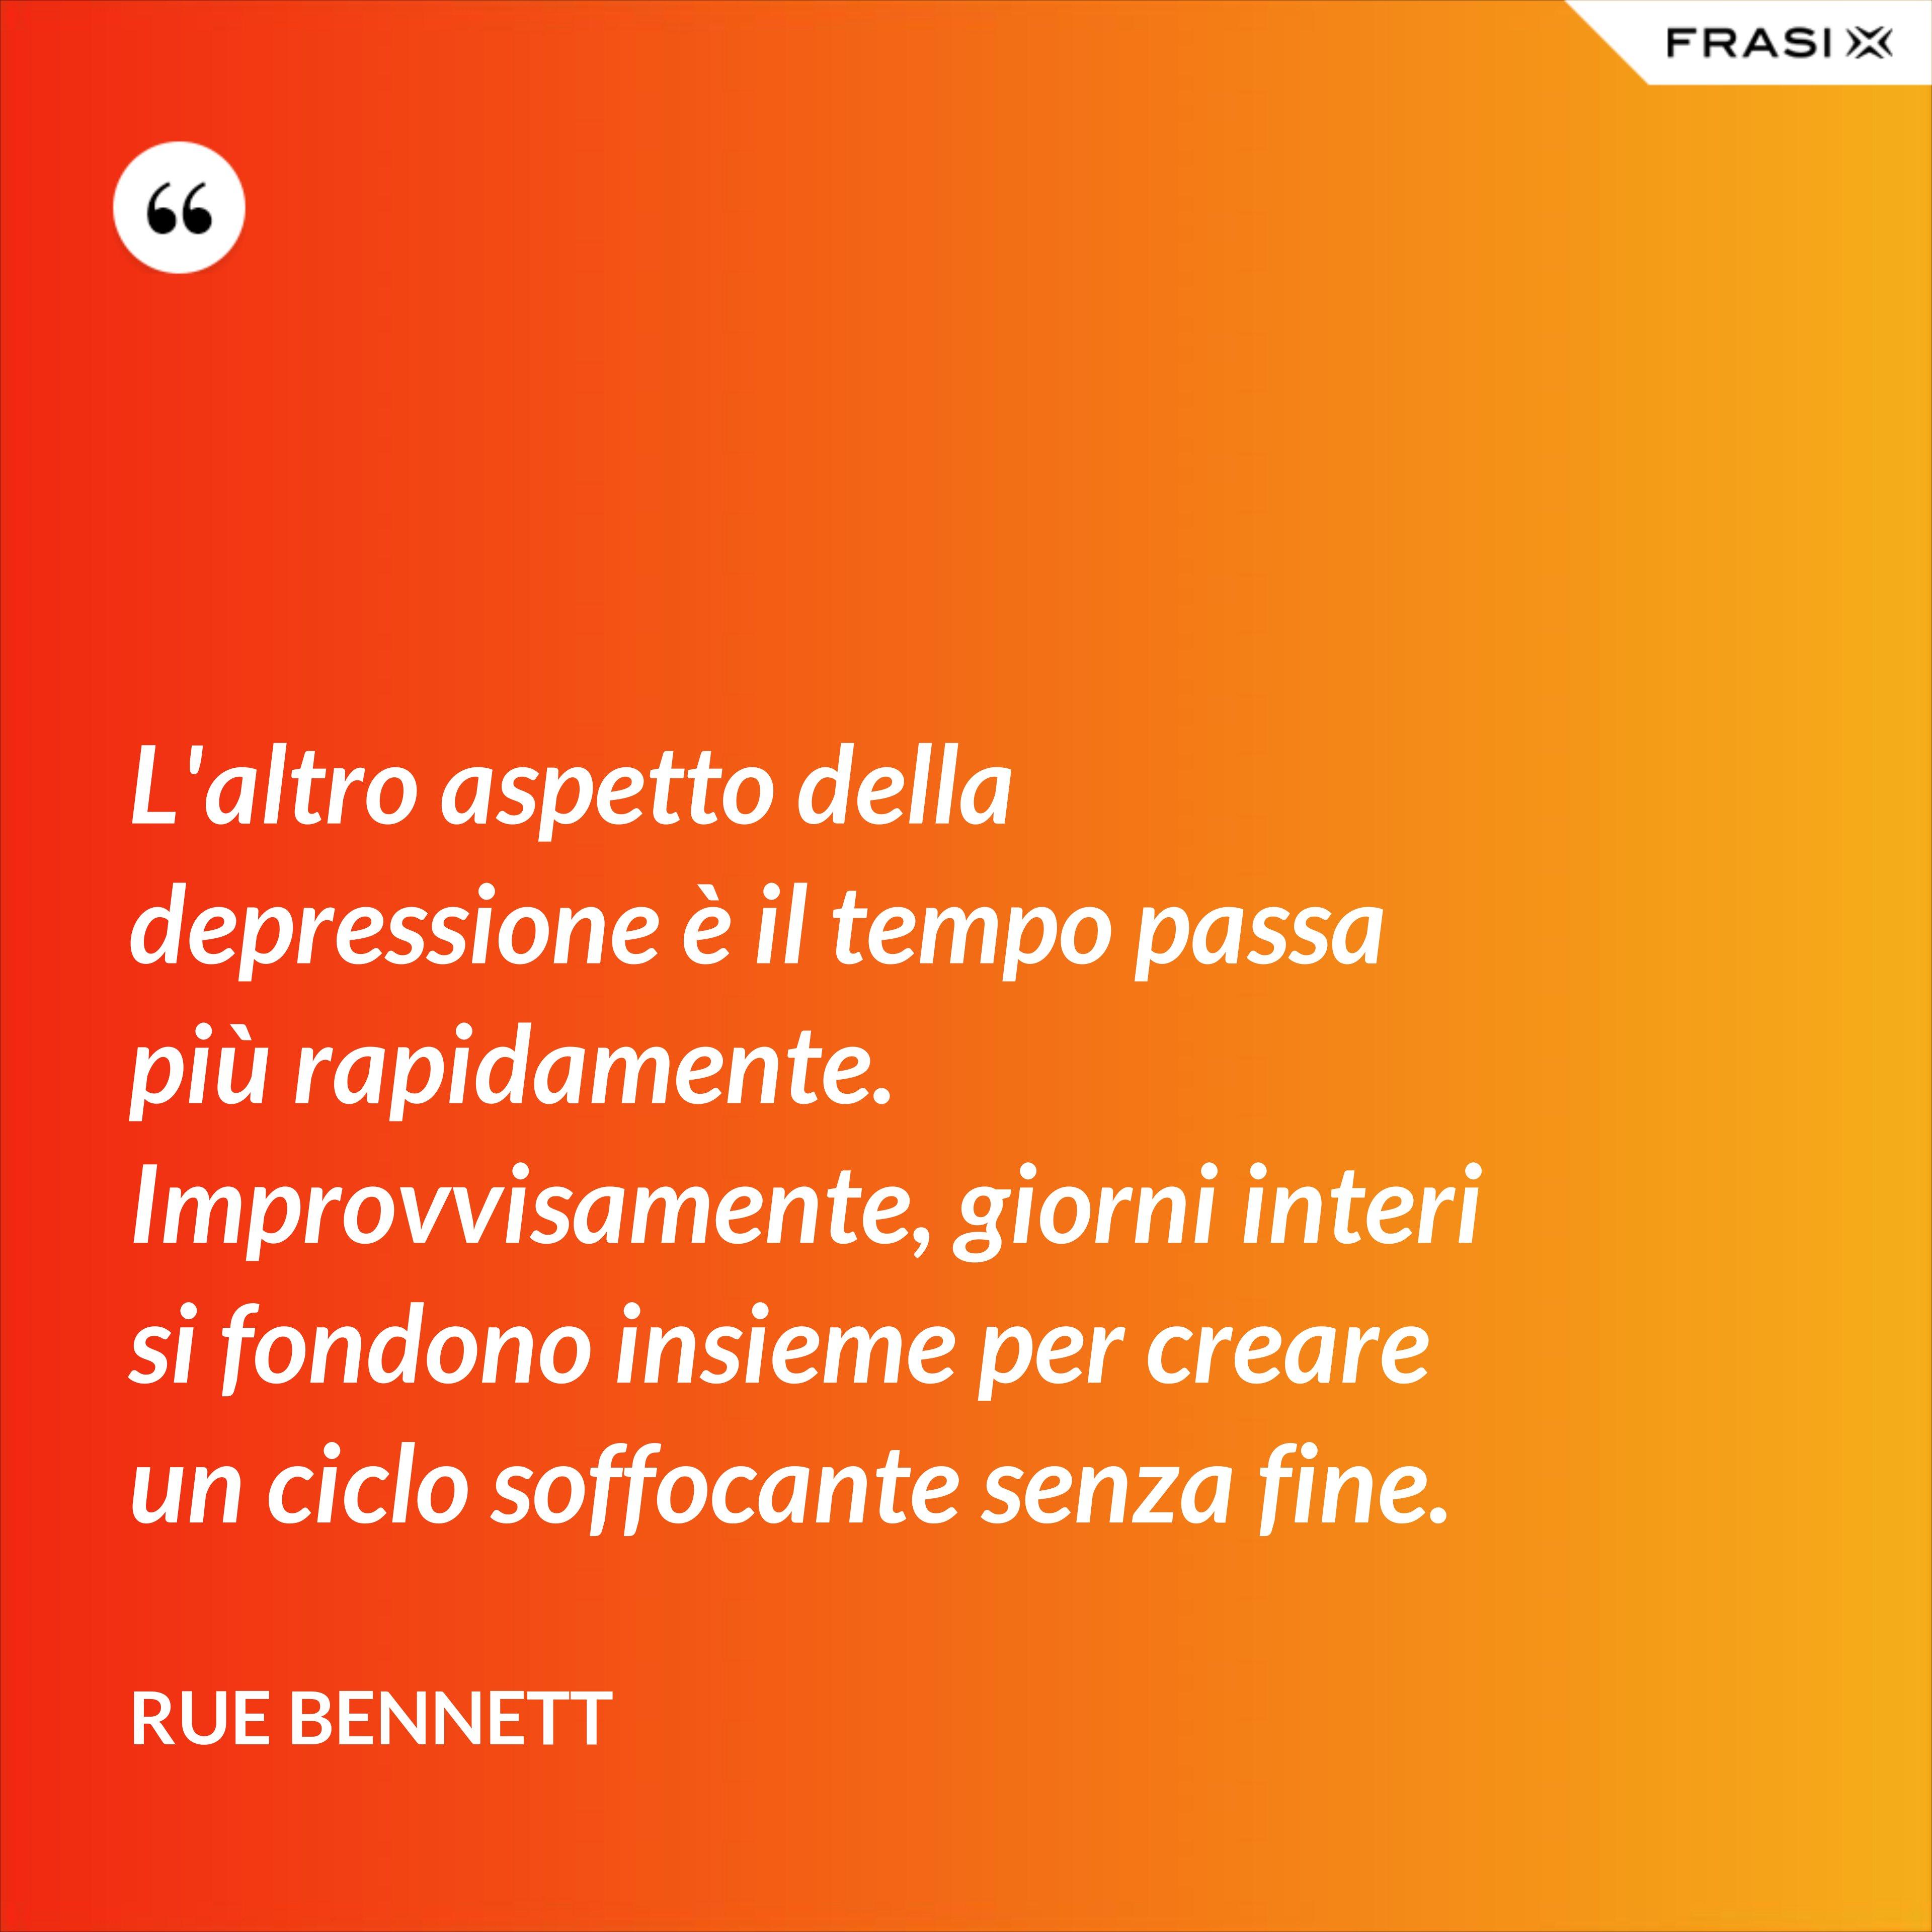 L'altro aspetto della depressione è il tempo passa più rapidamente. Improvvisamente, giorni interi si fondono insieme per creare un ciclo soffocante senza fine. - Rue Bennett